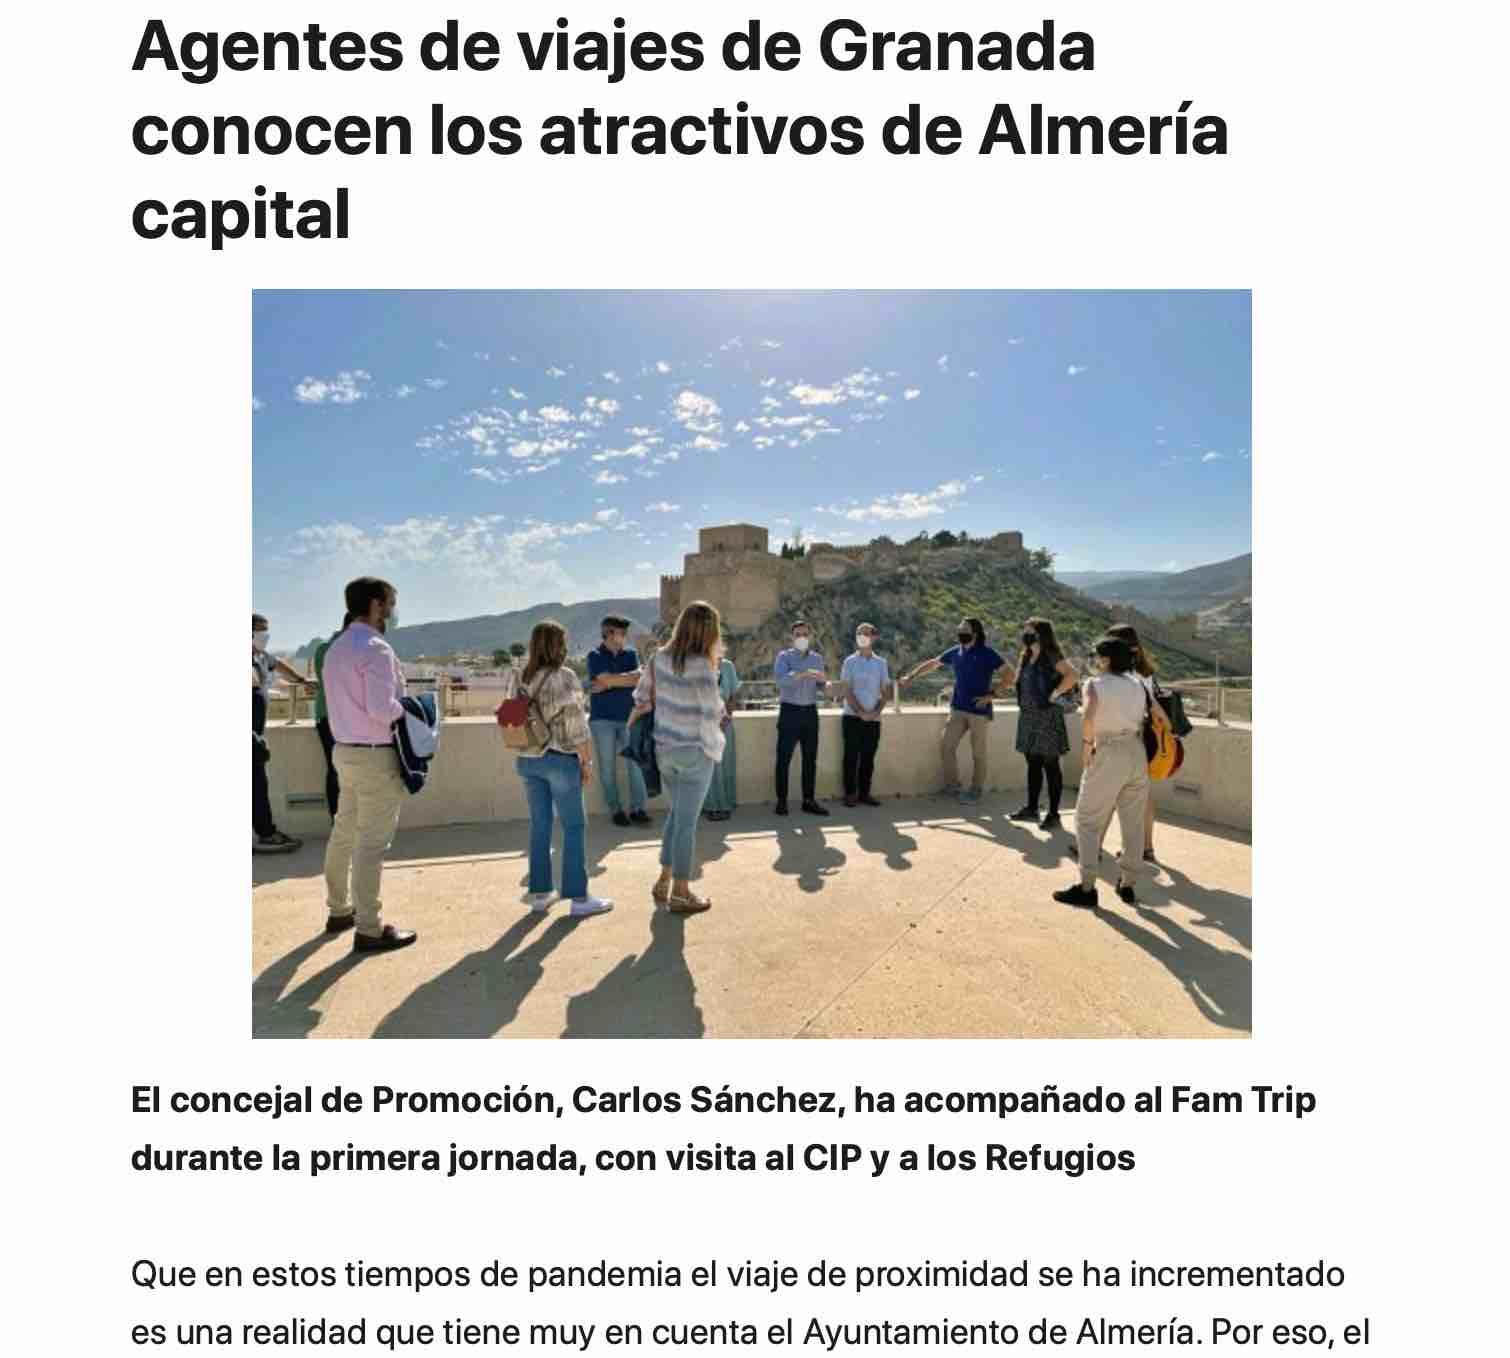 cierone participa en una famtrip con otros agentes de viajes de Granada